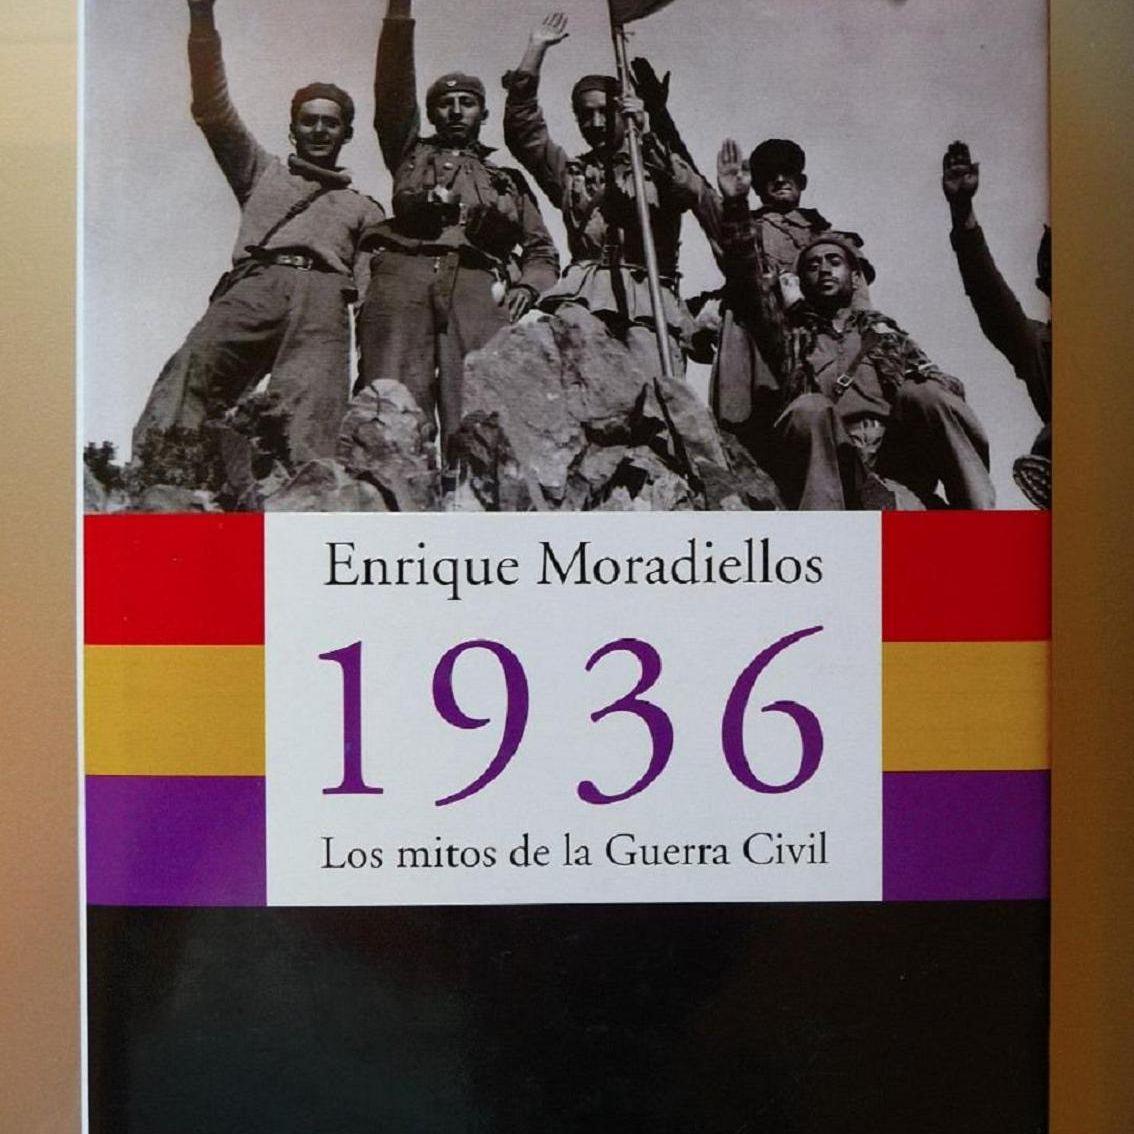 1936 los mitos de la guerra civil de Enrique Moradiellos